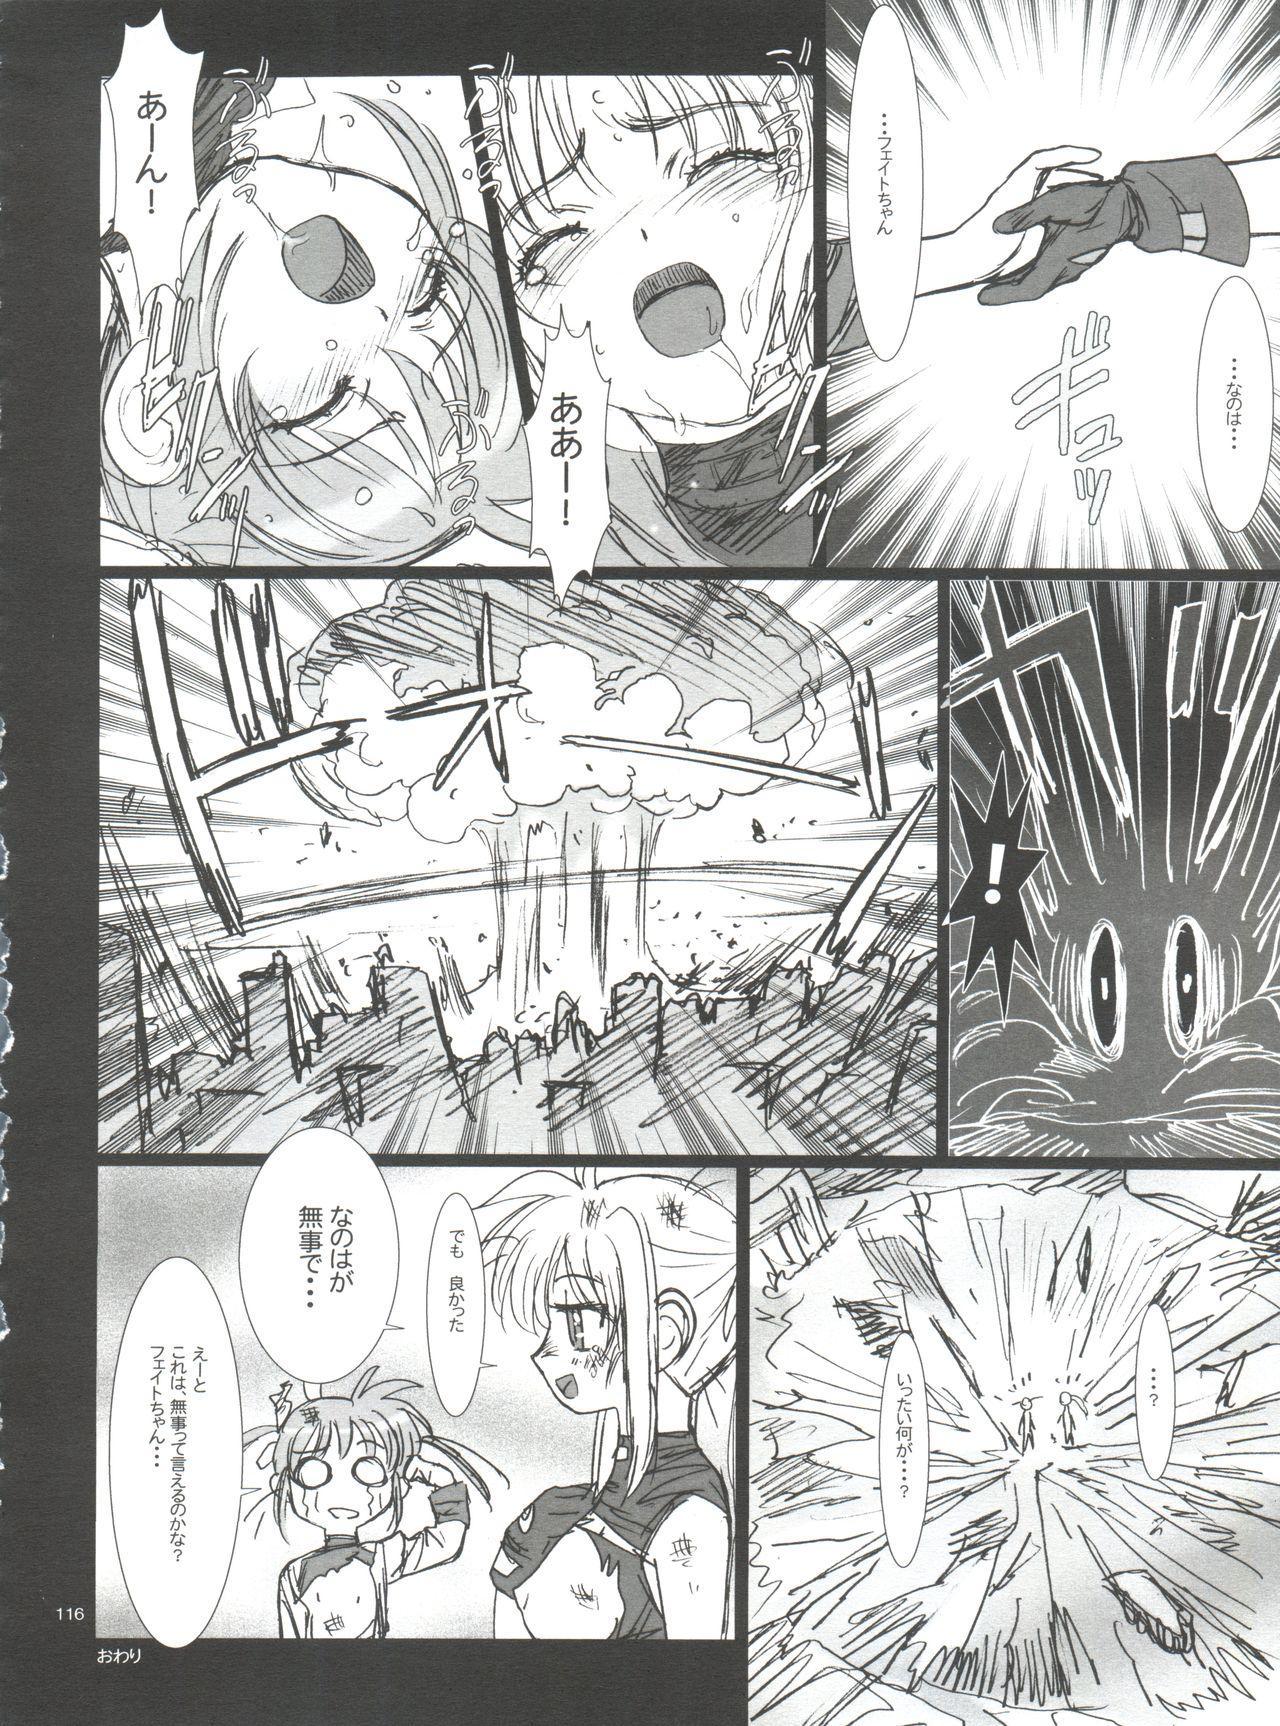 Wanpaku Anime Daihyakka Nanno Koto Jisensyuu Vol. 1 117